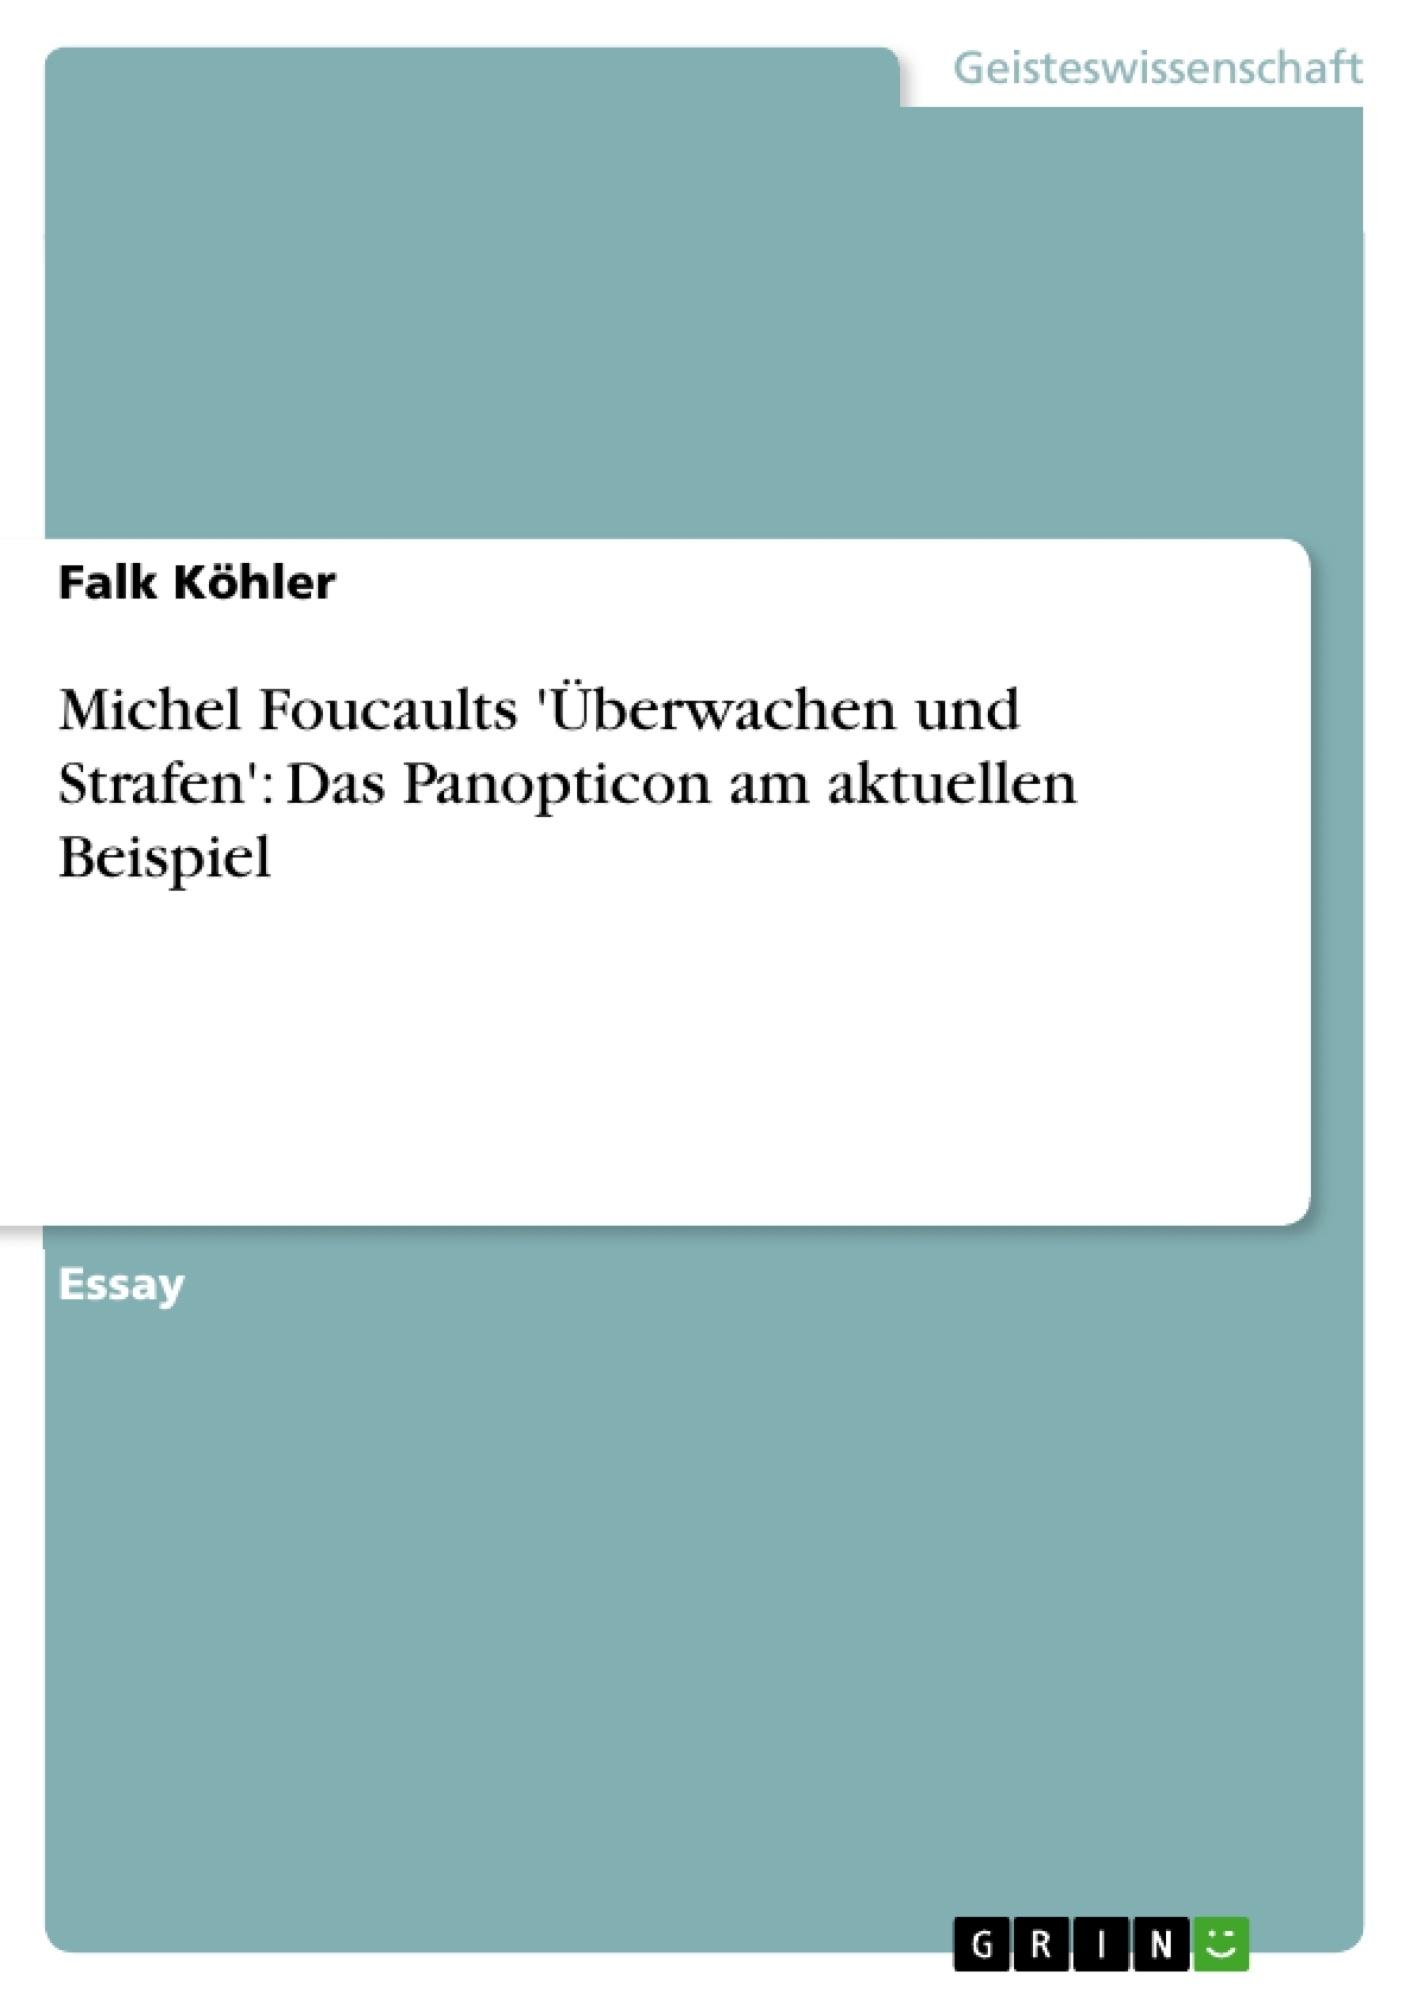 Titel: Michel Foucaults 'Überwachen und Strafen': Das Panopticon am aktuellen Beispiel